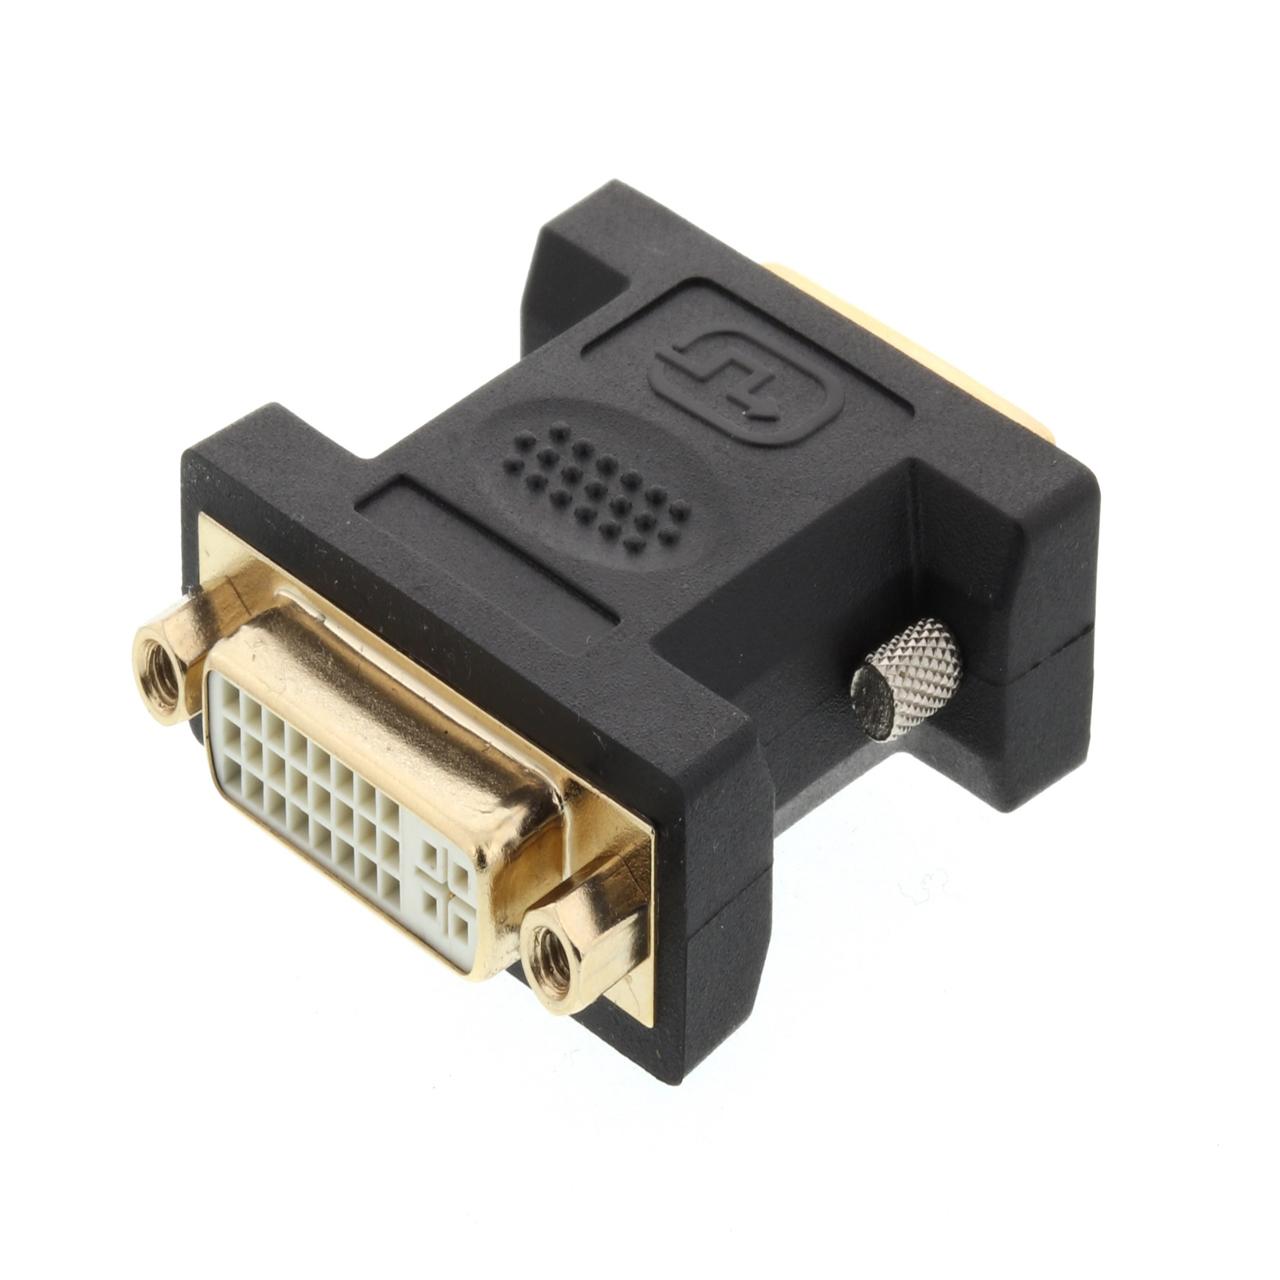 خرید اینترنتی مبدل افزایش طول DVI مدل ST15 اورجینال